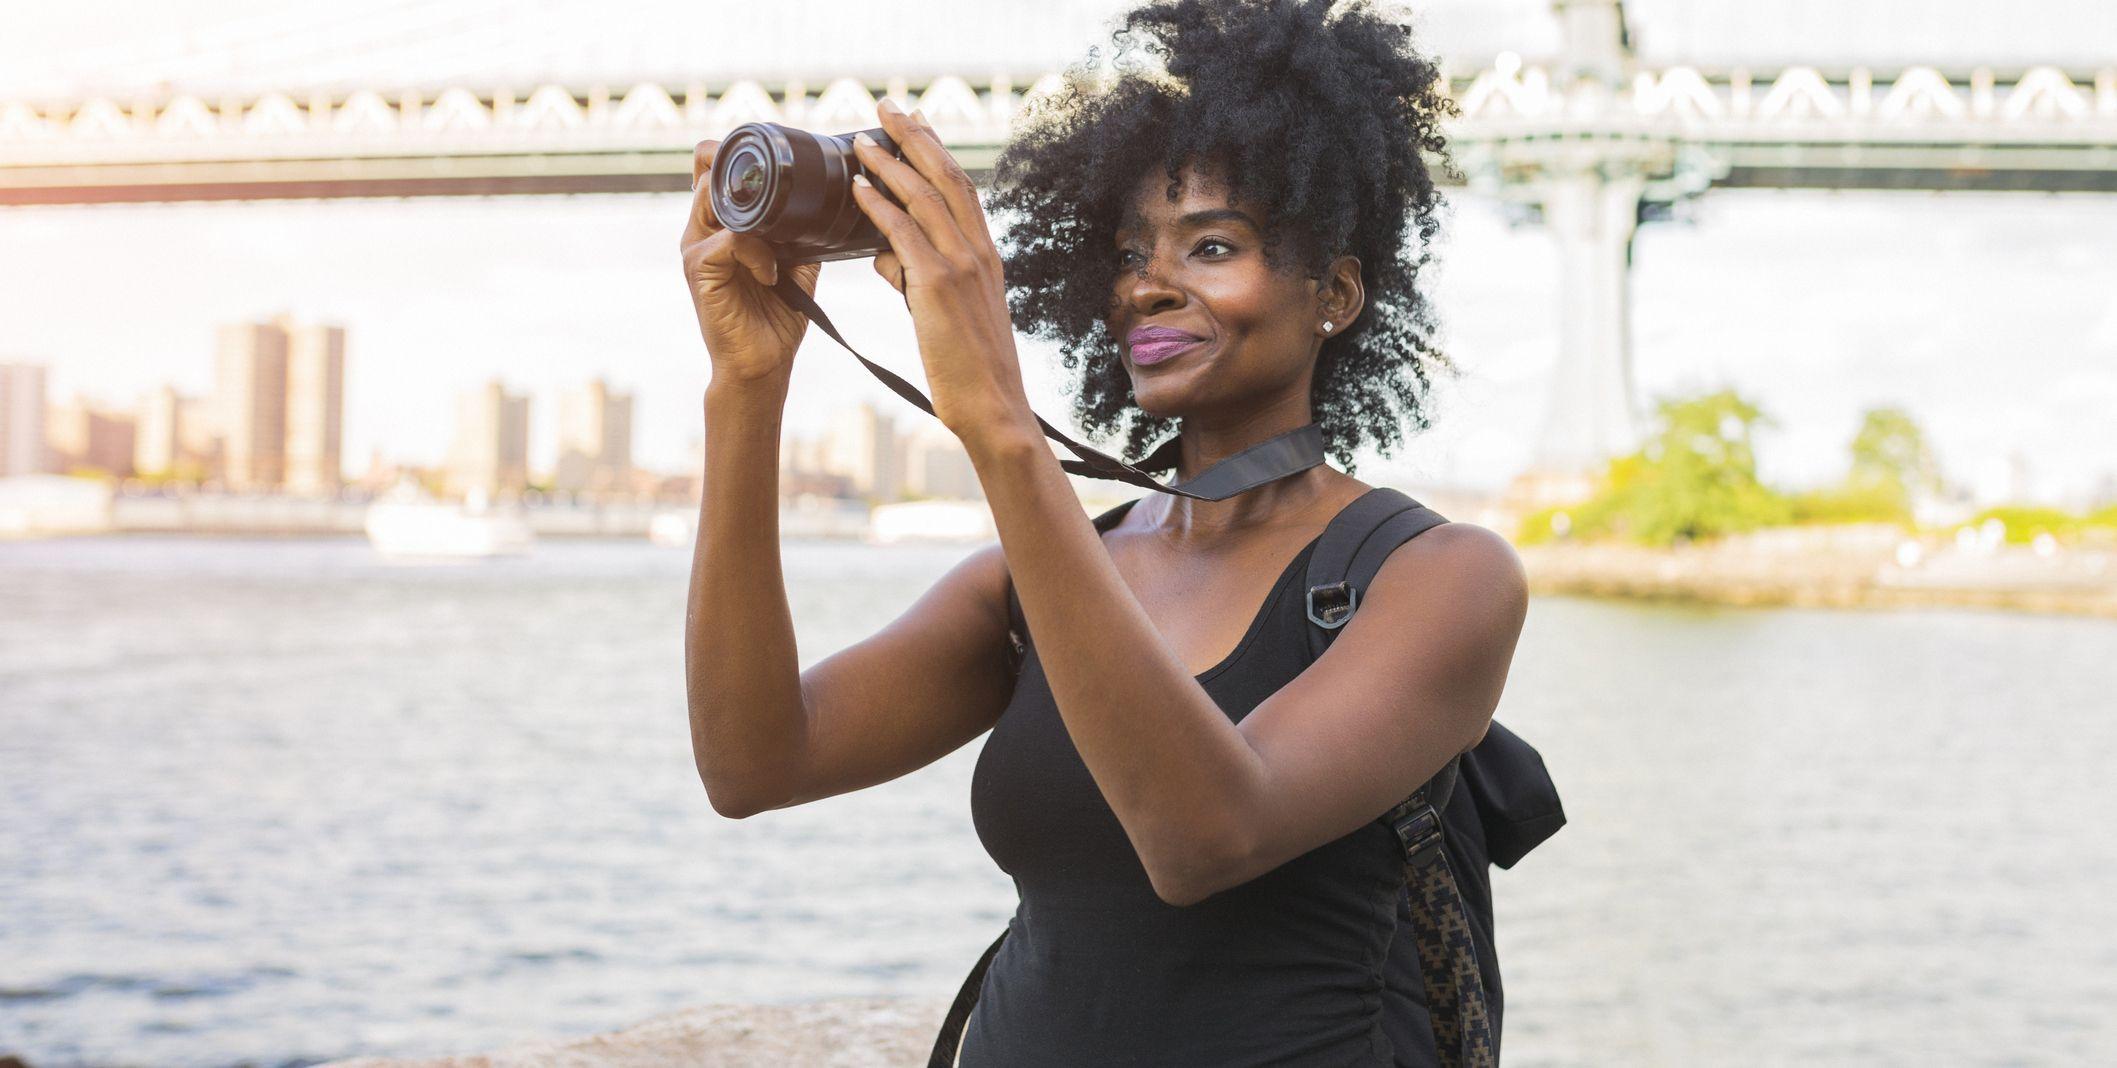 USA, New York City, Brooklyn, woman looking at camera at the waterfront